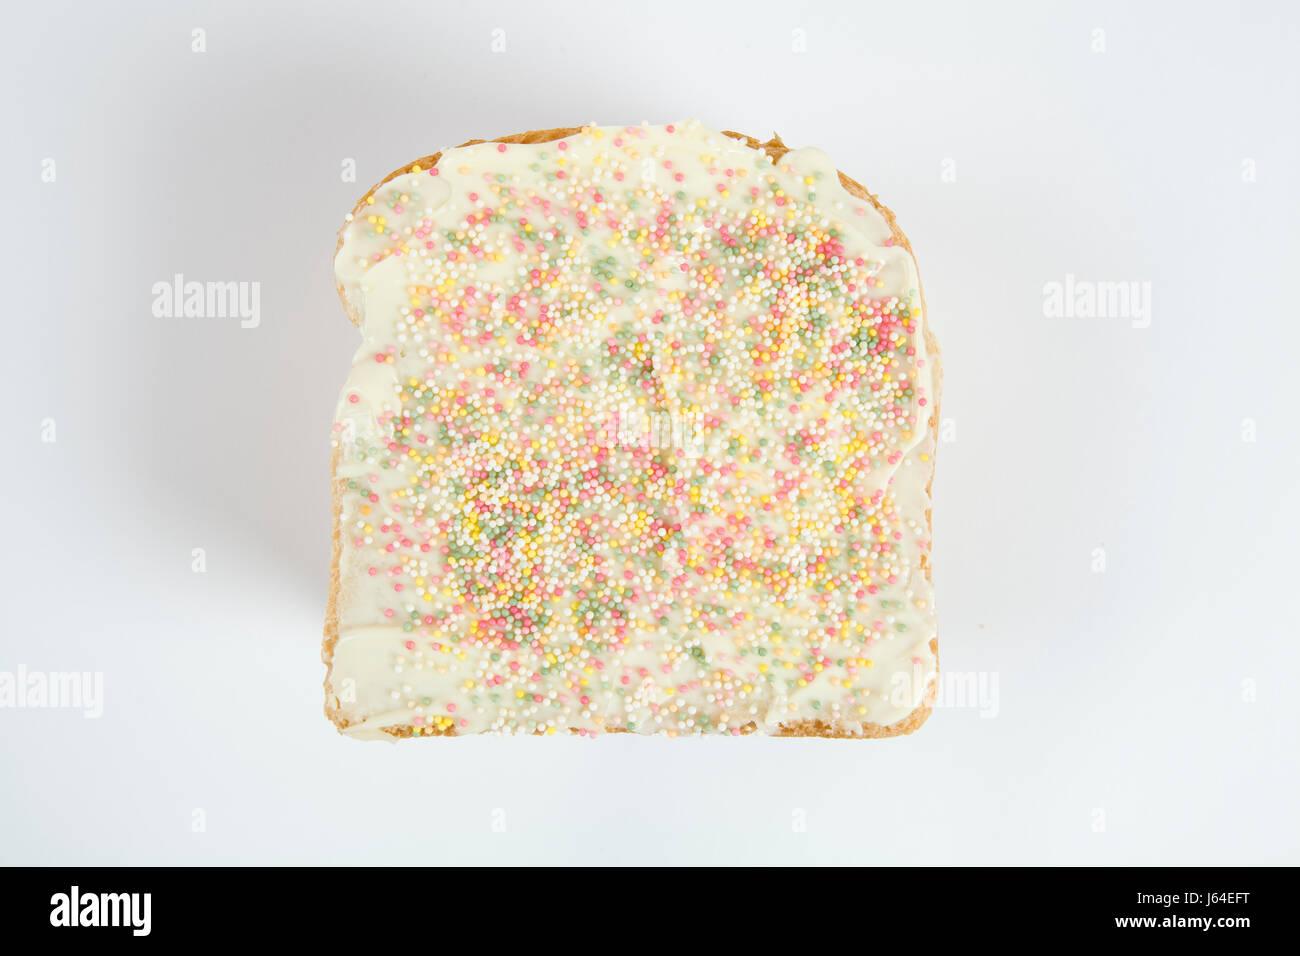 eine schrullige Vereisung Geburtstag Brot bedeckt mit Streuseln auf weißem Hintergrund Stockbild